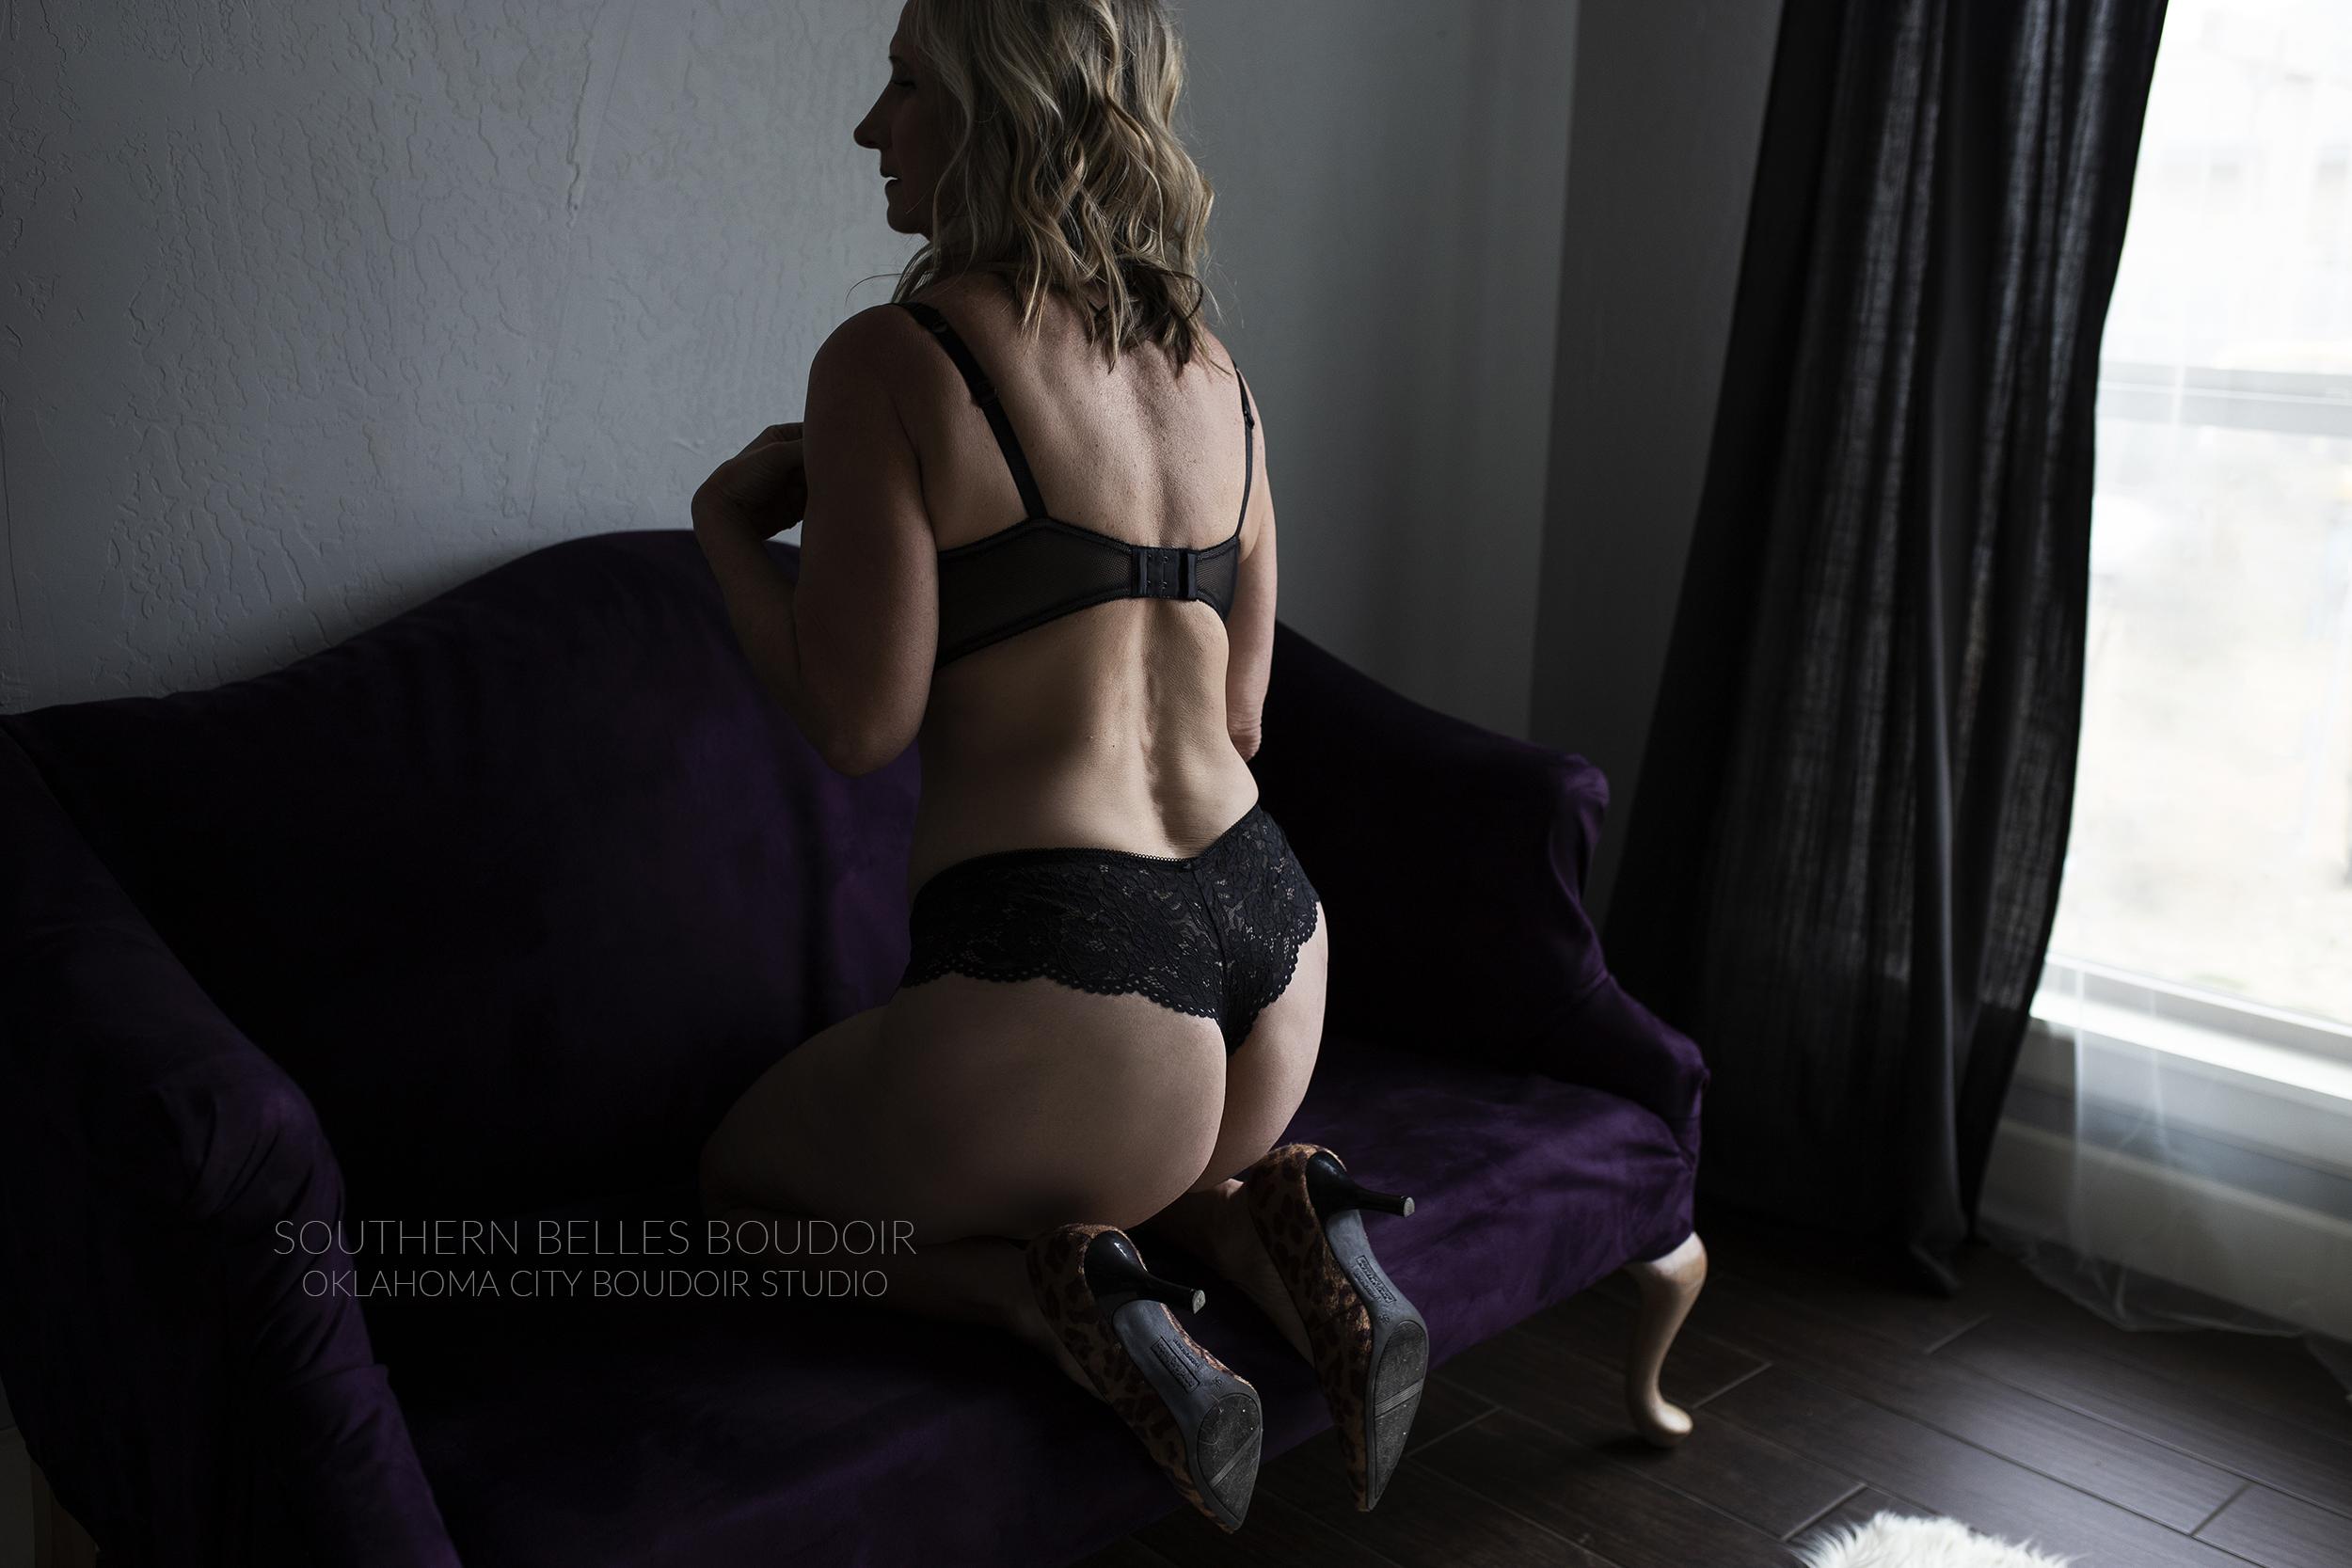 boudoirphotographerokc.jpg